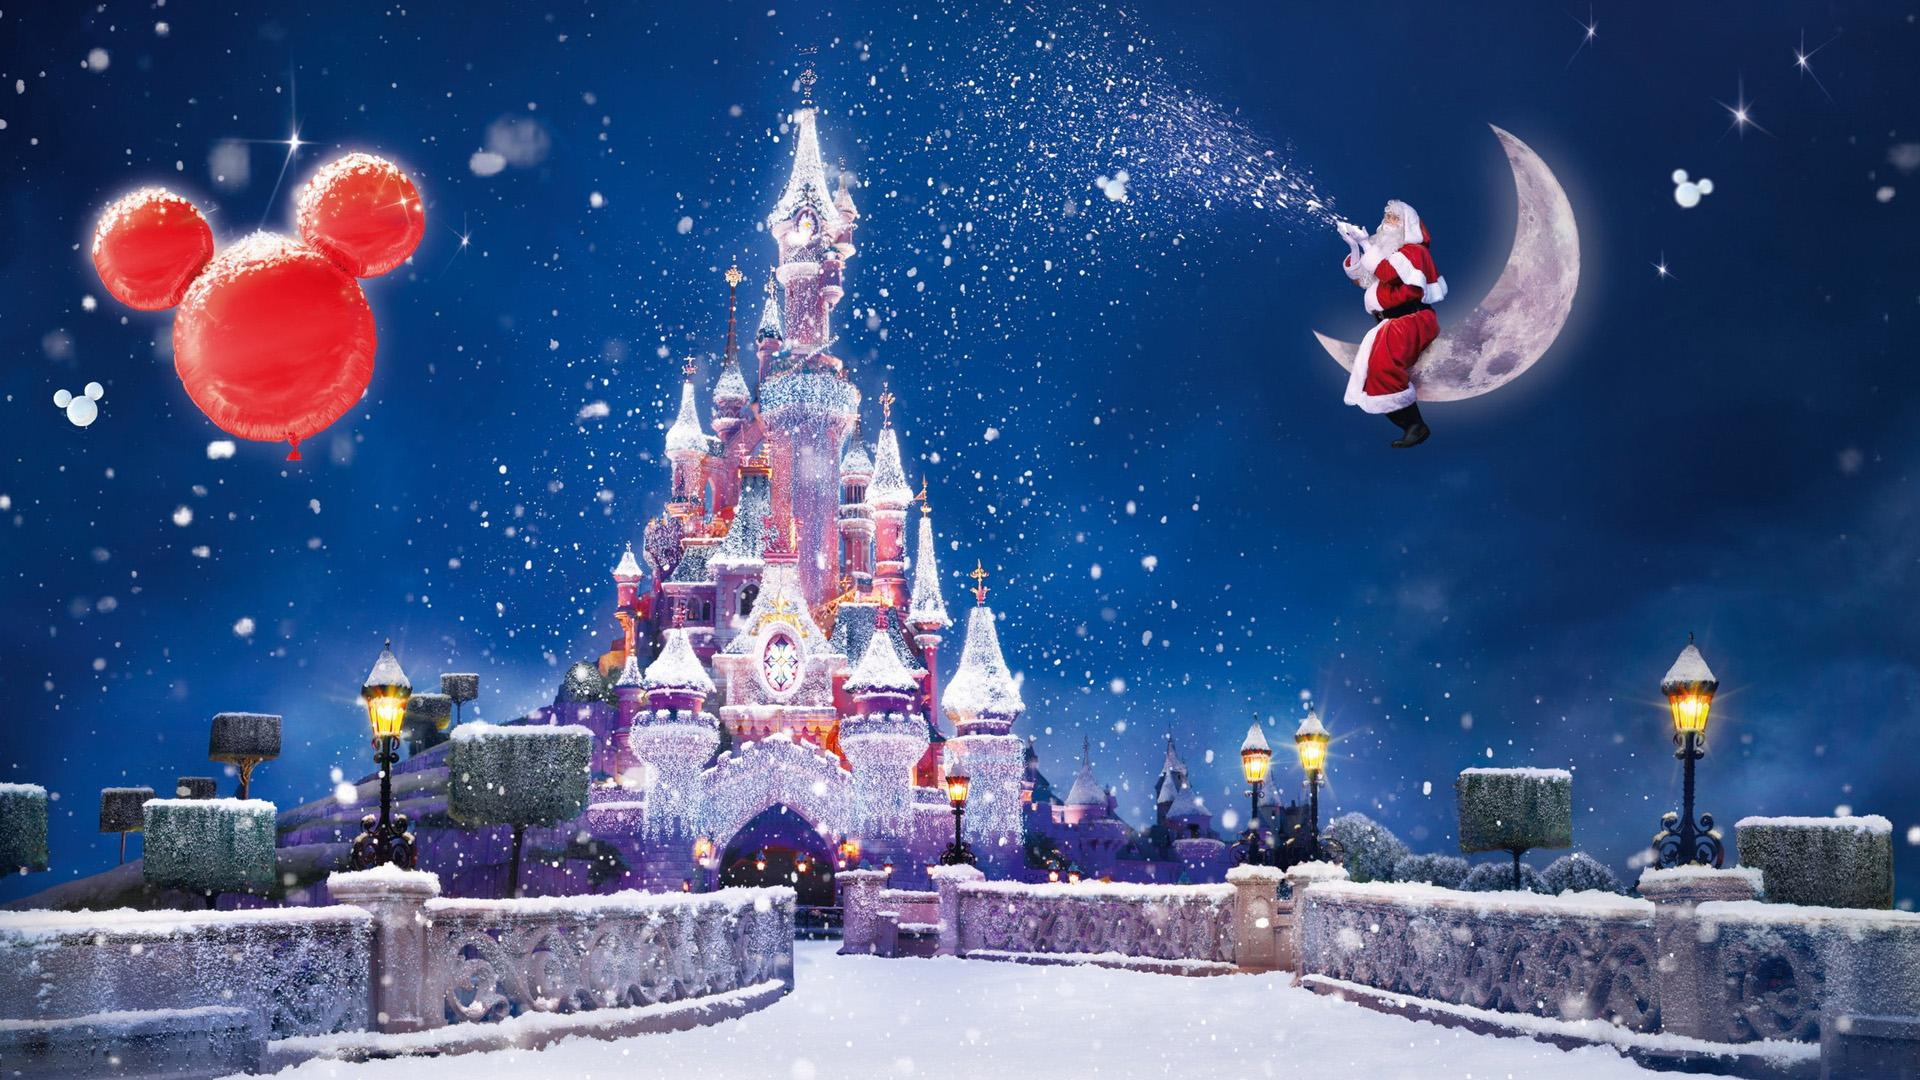 Best Christmas Wallpaper Hd - 1920x1080 ...